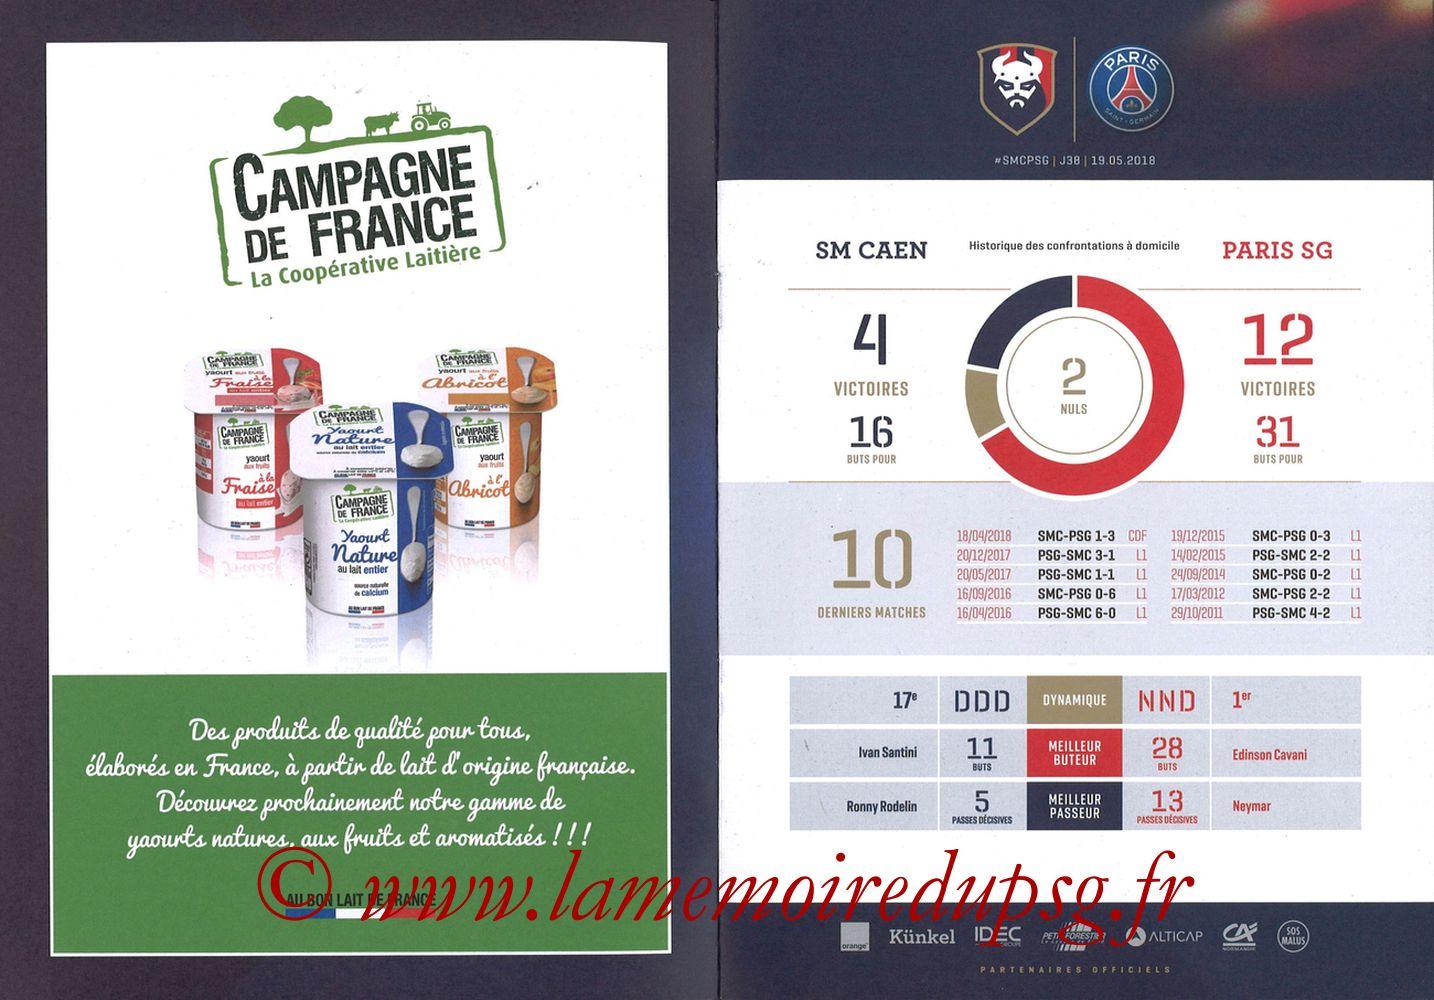 2018-05-19  Caen-PSG (38ème L1, Programme officiel) - Pages 02 et 03